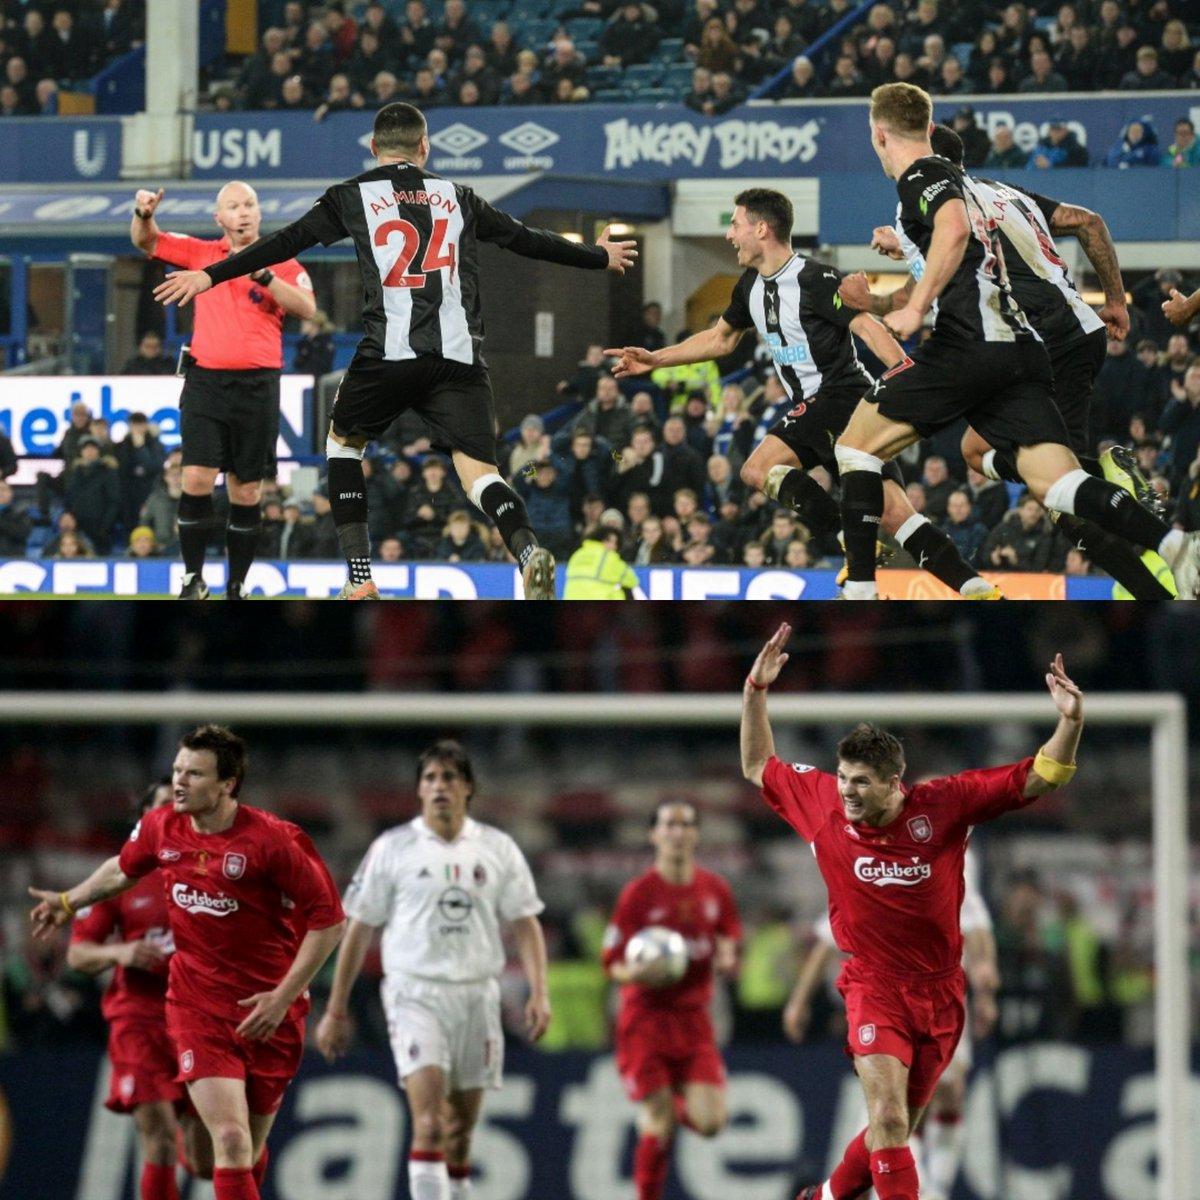 Ancelotti habló con sus jugadores luego de que Newcastle le igualara el partido en 2 minutos: 🗣️ Les dije que tengo más experiencia que ellos: perdí una final de Champions League tras ir ganando 3-0 (Milan-Liverpool 2005), entonces es algo que puede ocurrir a veces.